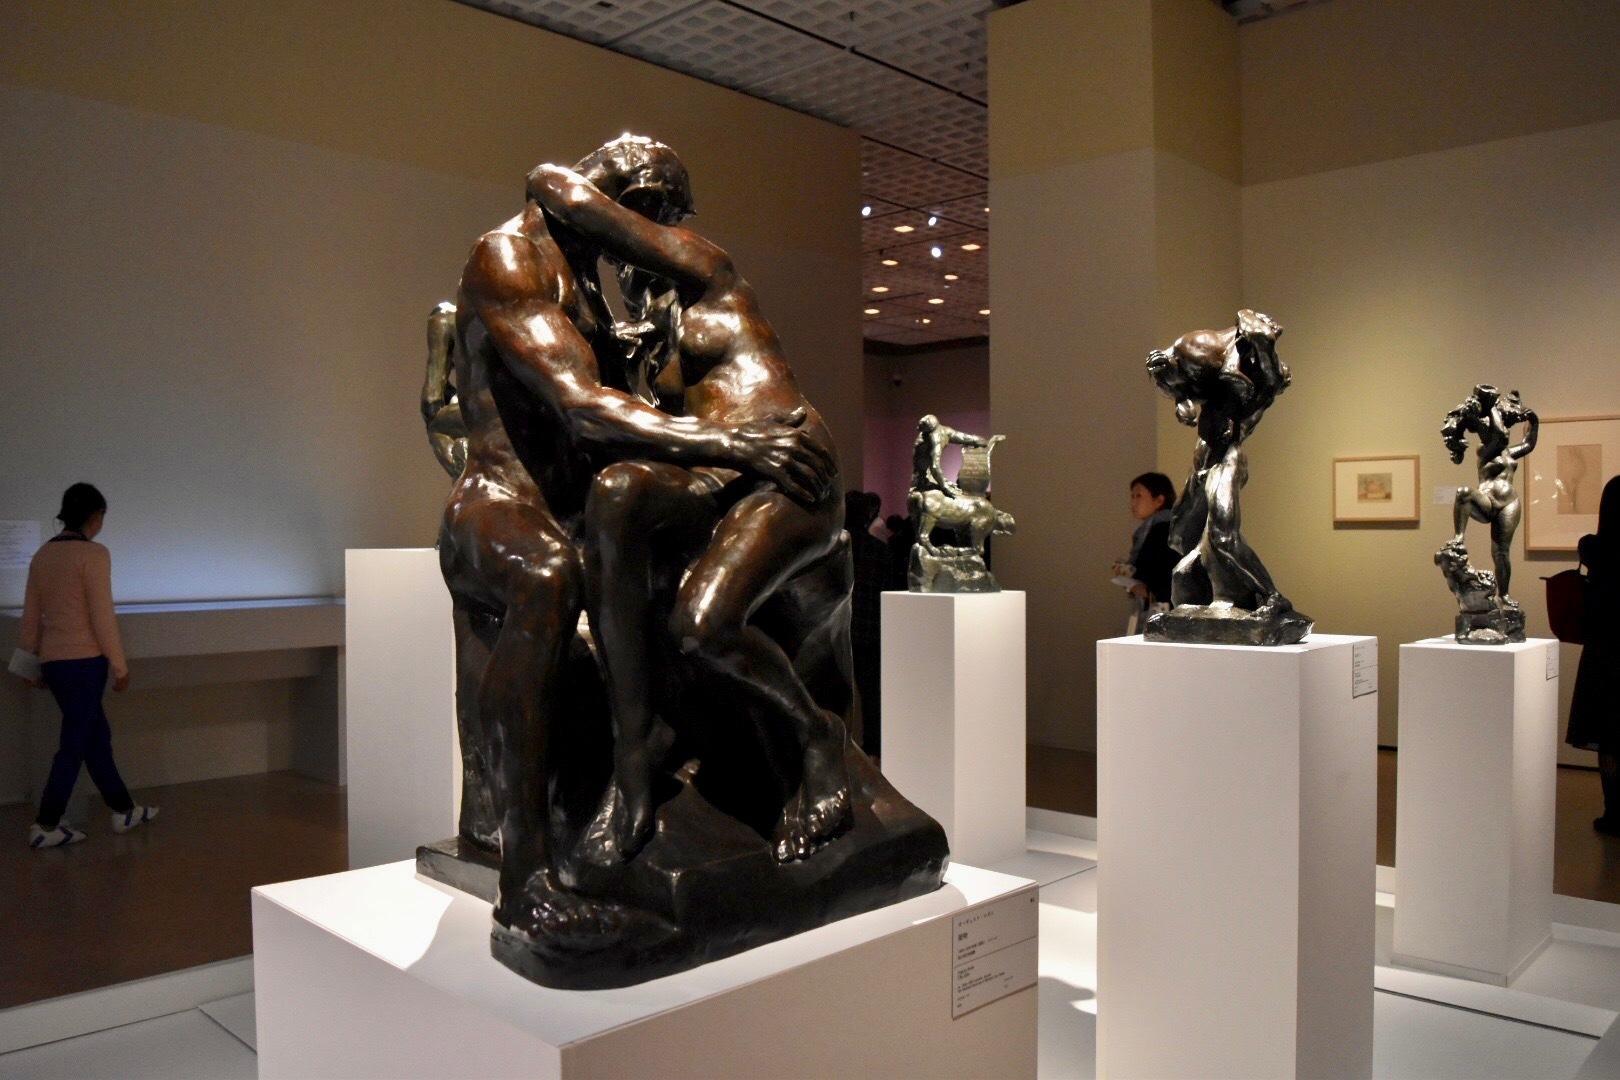 中央:オーギュスト・ロダン 《接吻》 1882-1887年頃(原型) 国立西洋美術館蔵